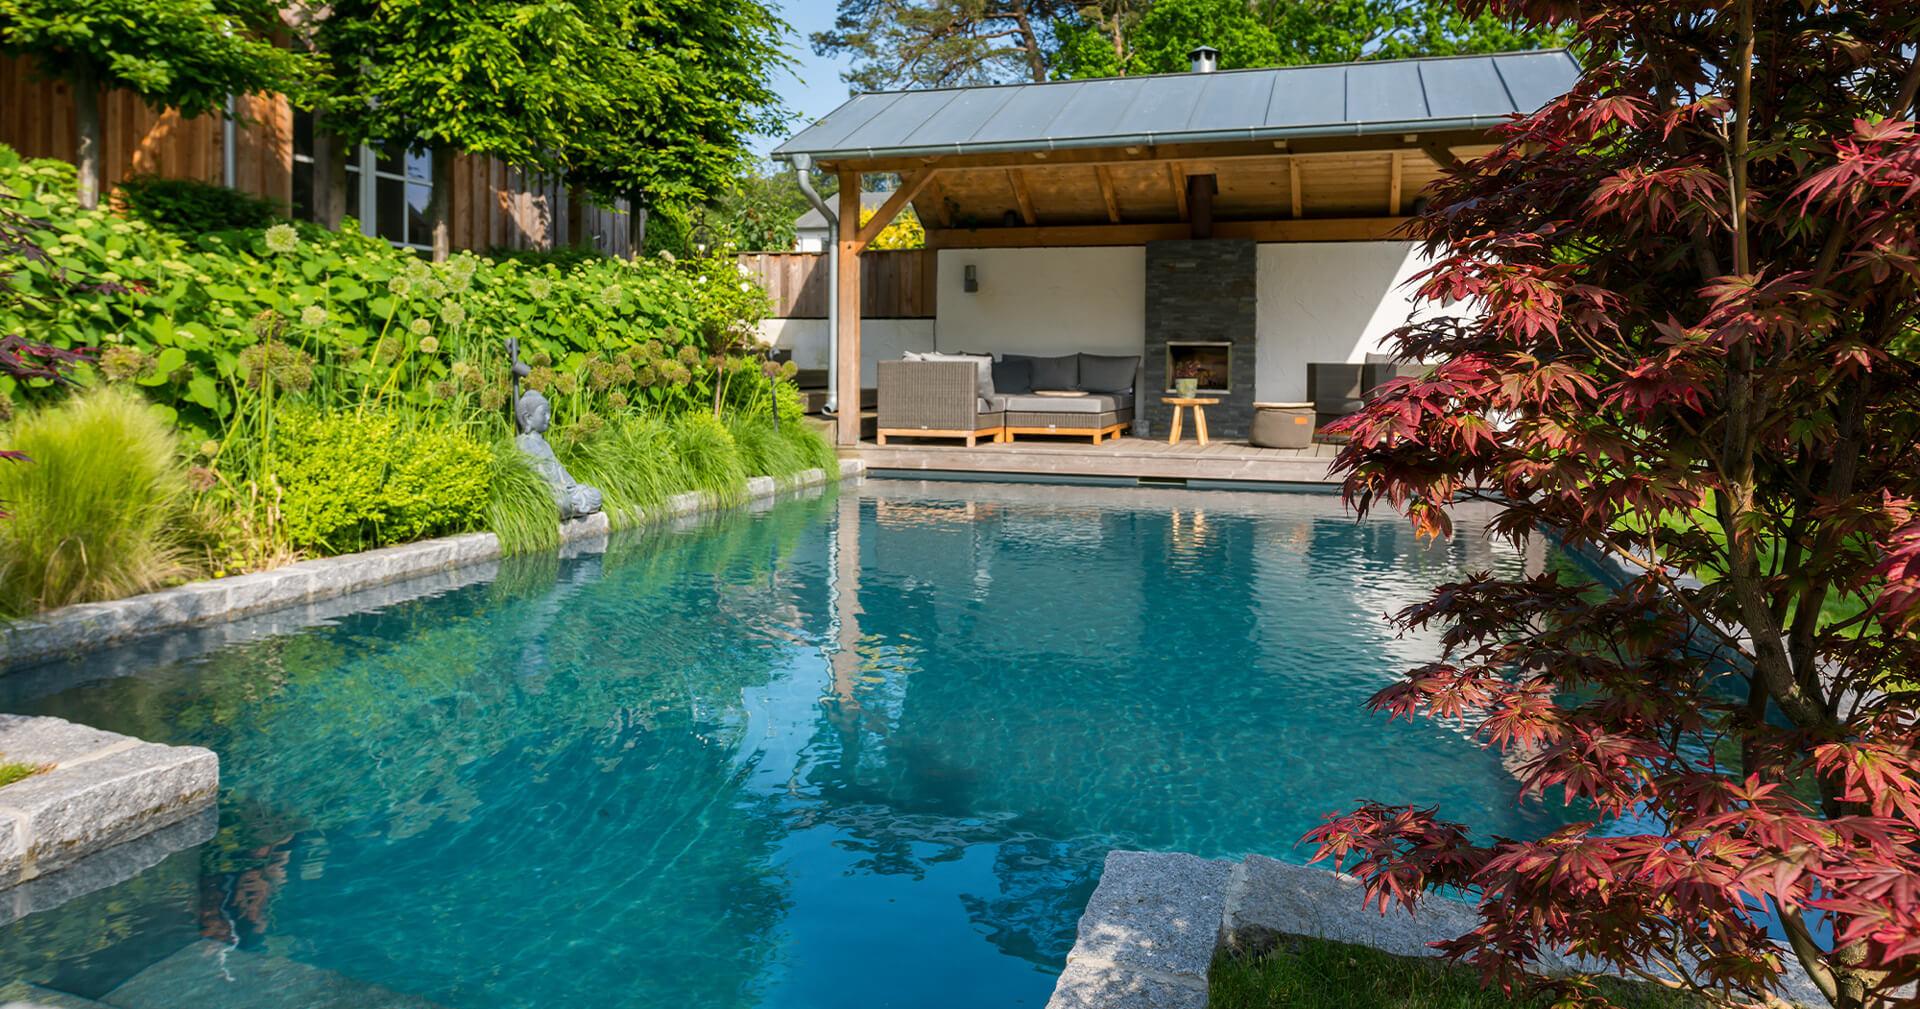 Biotop natuurzwembad met helder water en aanzicht van de zijkant